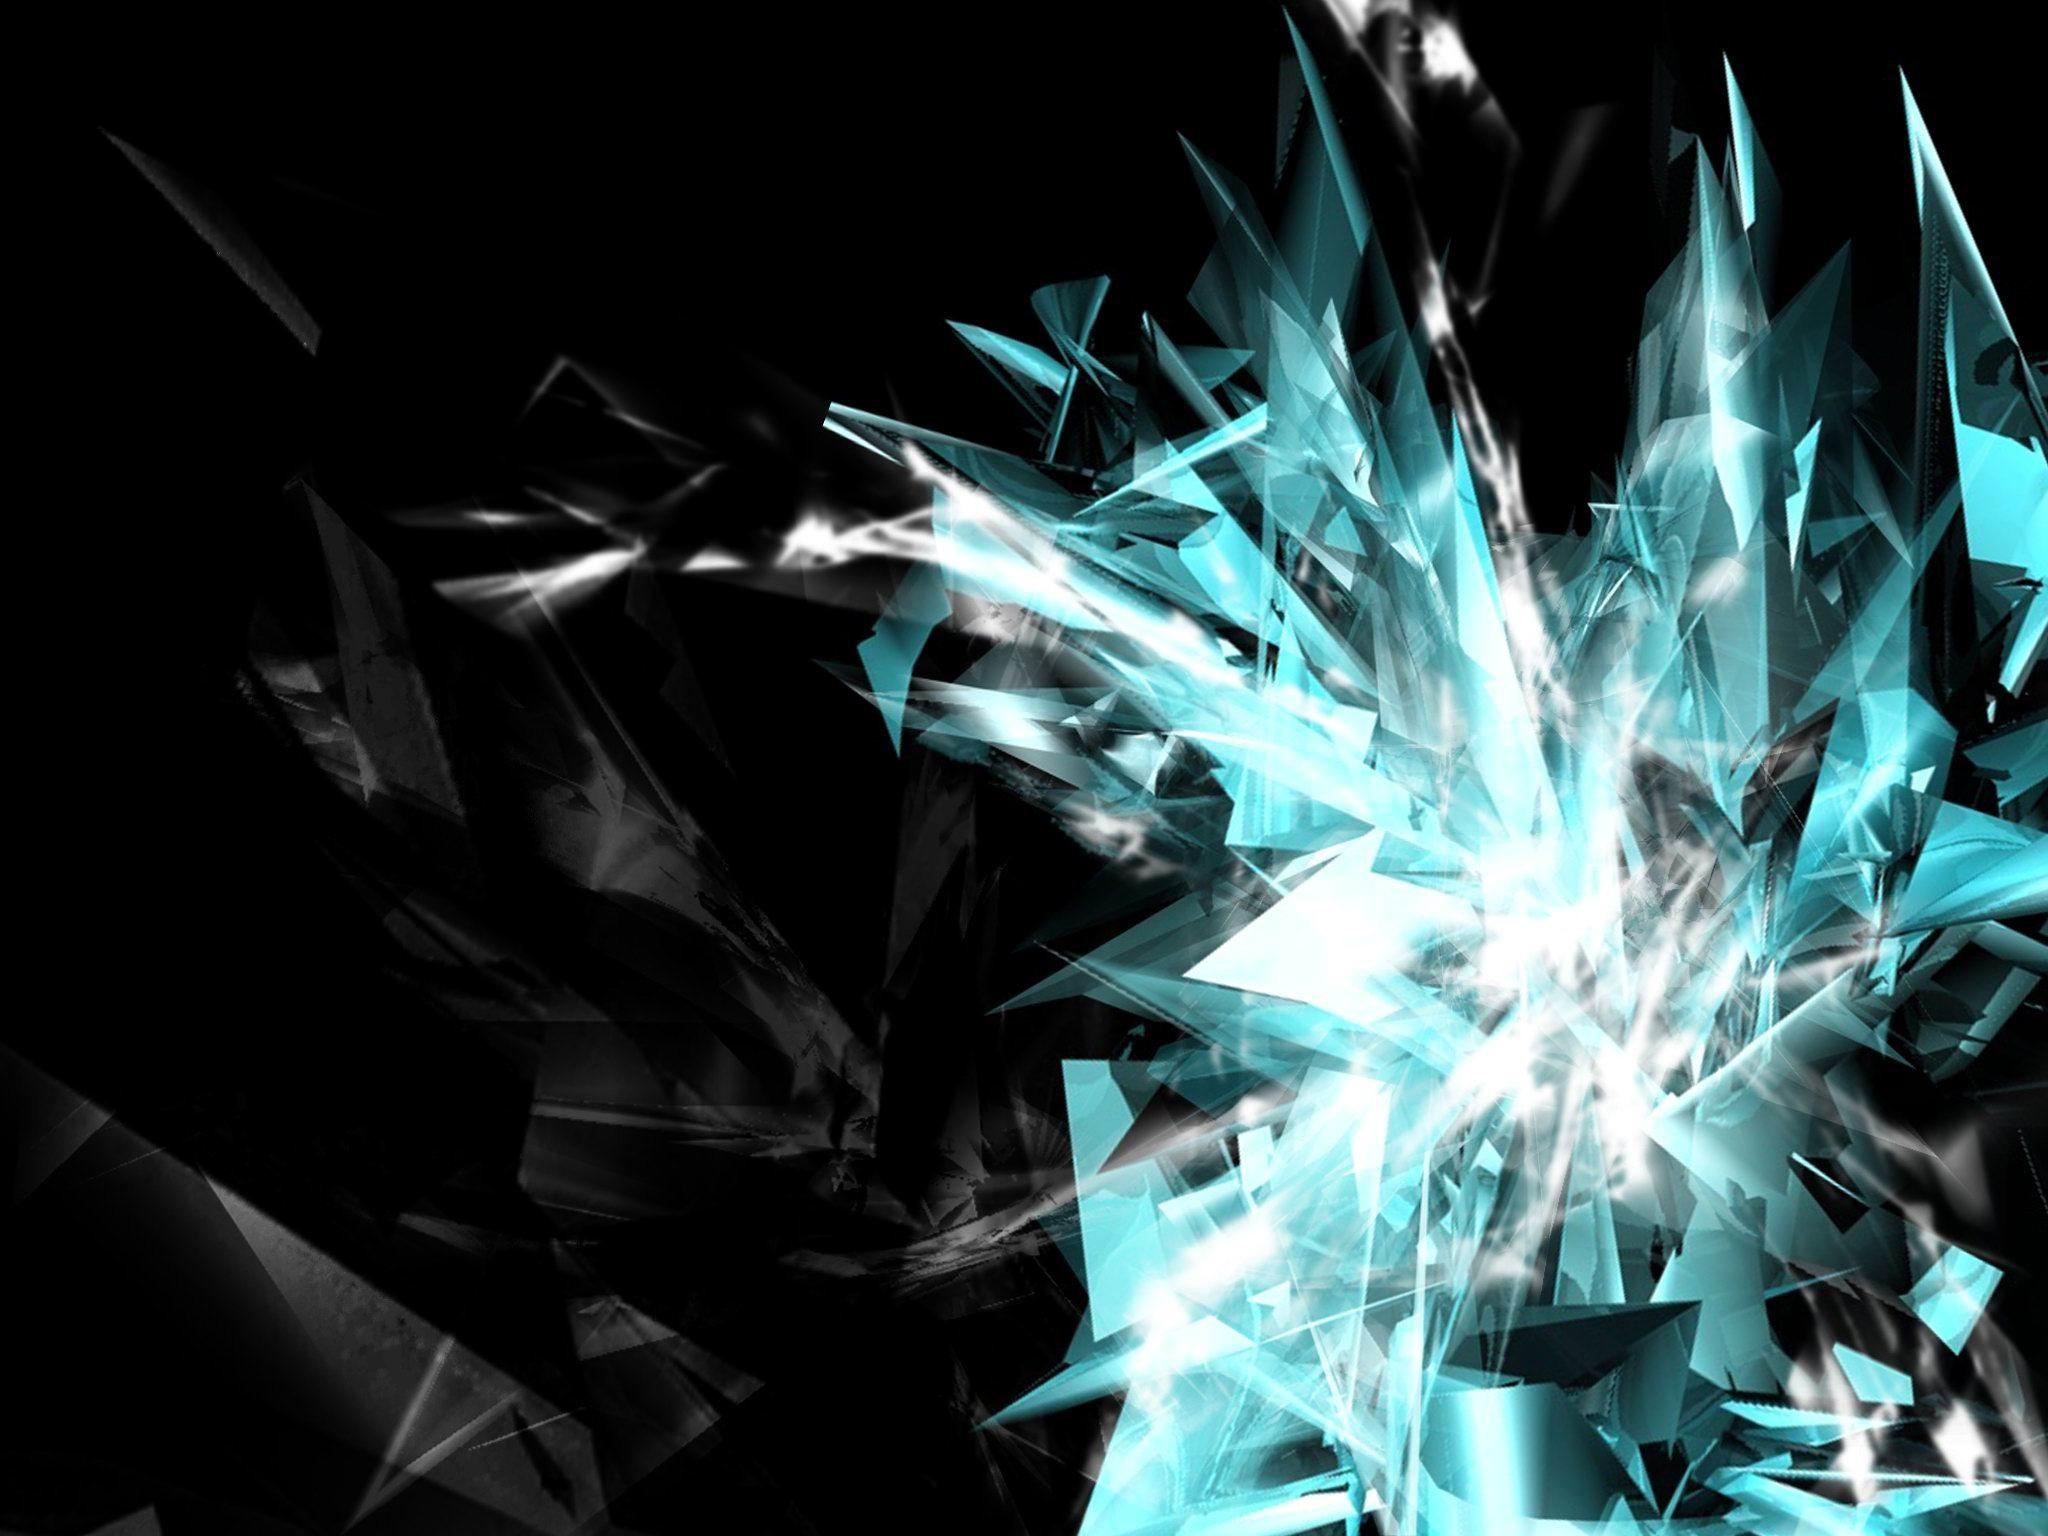 Abstract HD S 9996 Wallpapers – https://hdwallpapersf.com/abstract-hd-s-9996- wallpapers   HDWallpapersf latest Post   Pinterest   Wallpaper